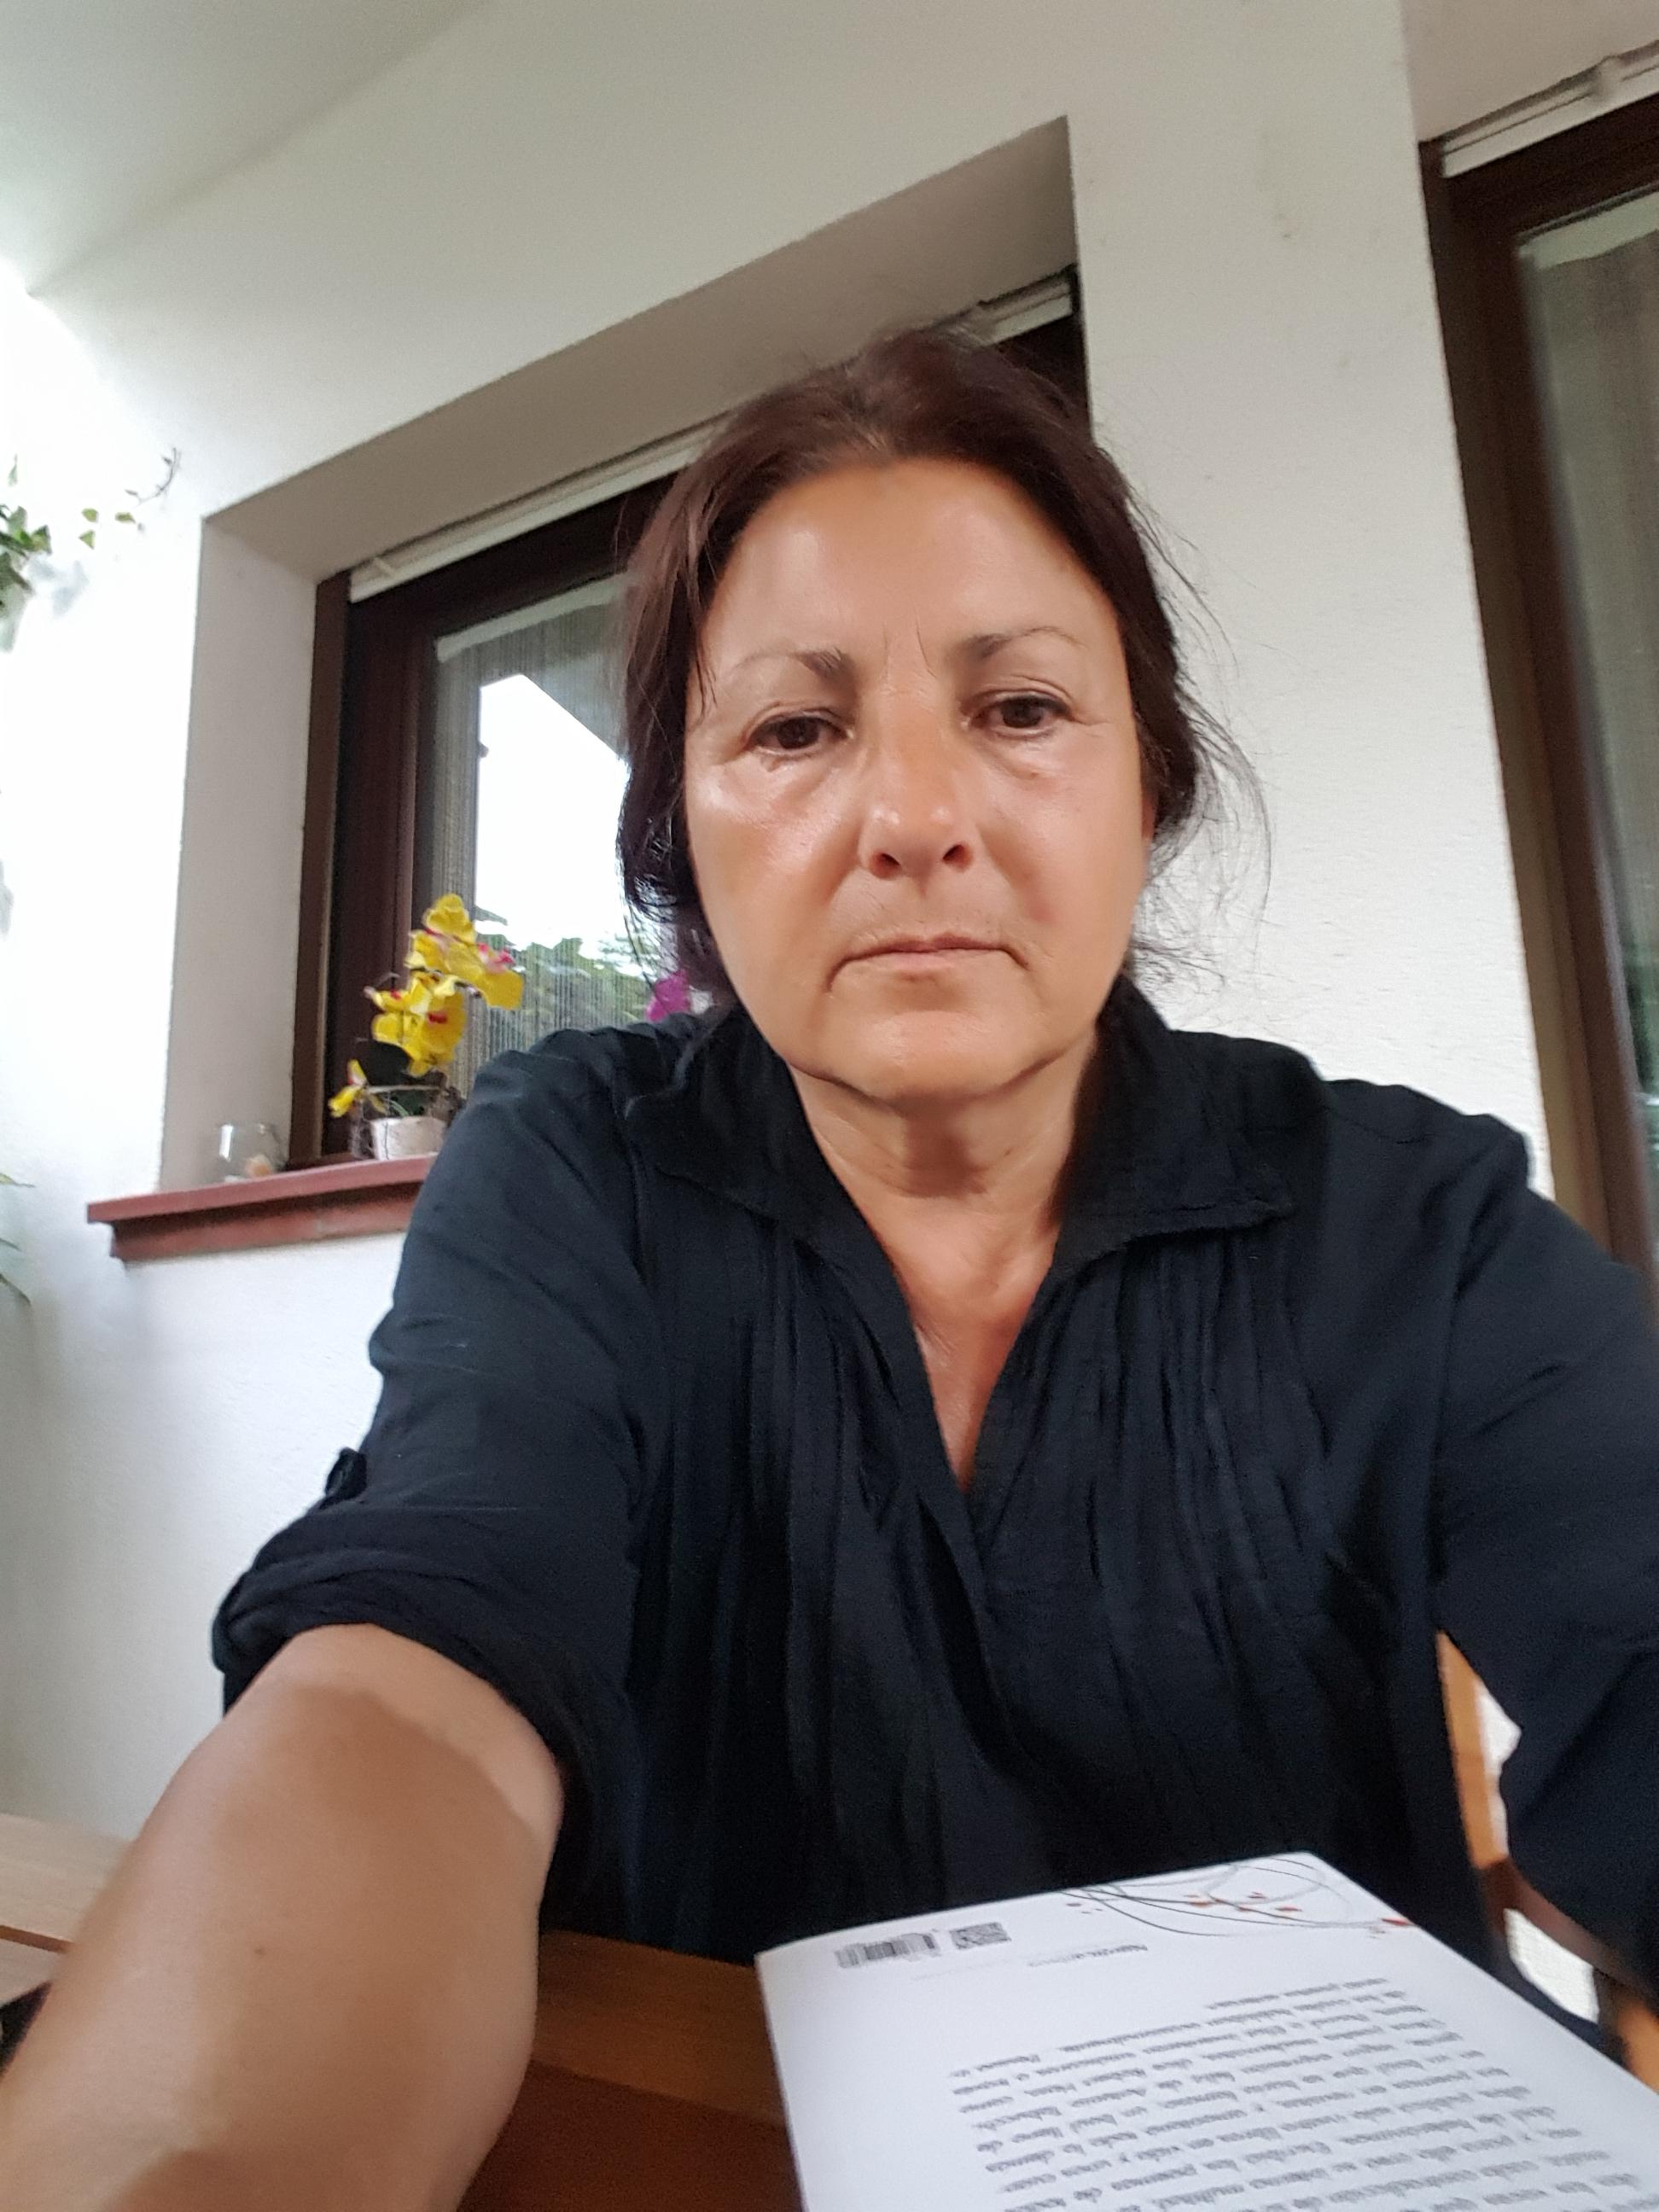 La escritora y poeta catalana Anna Rossell